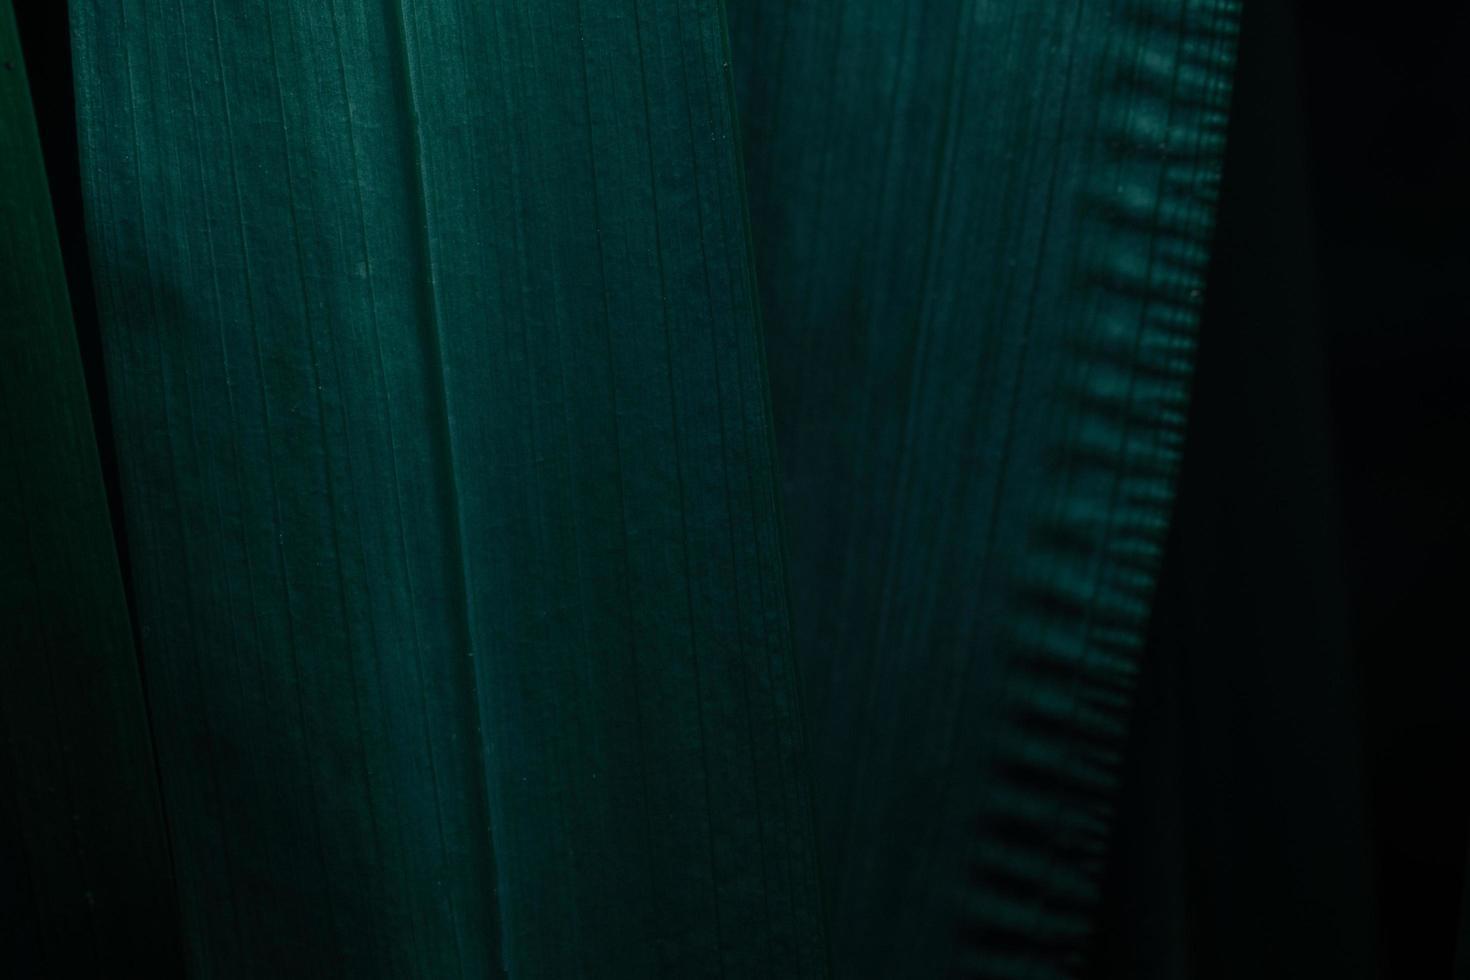 feuilles vertes tonalité de couleur de la plante fond sombre photo